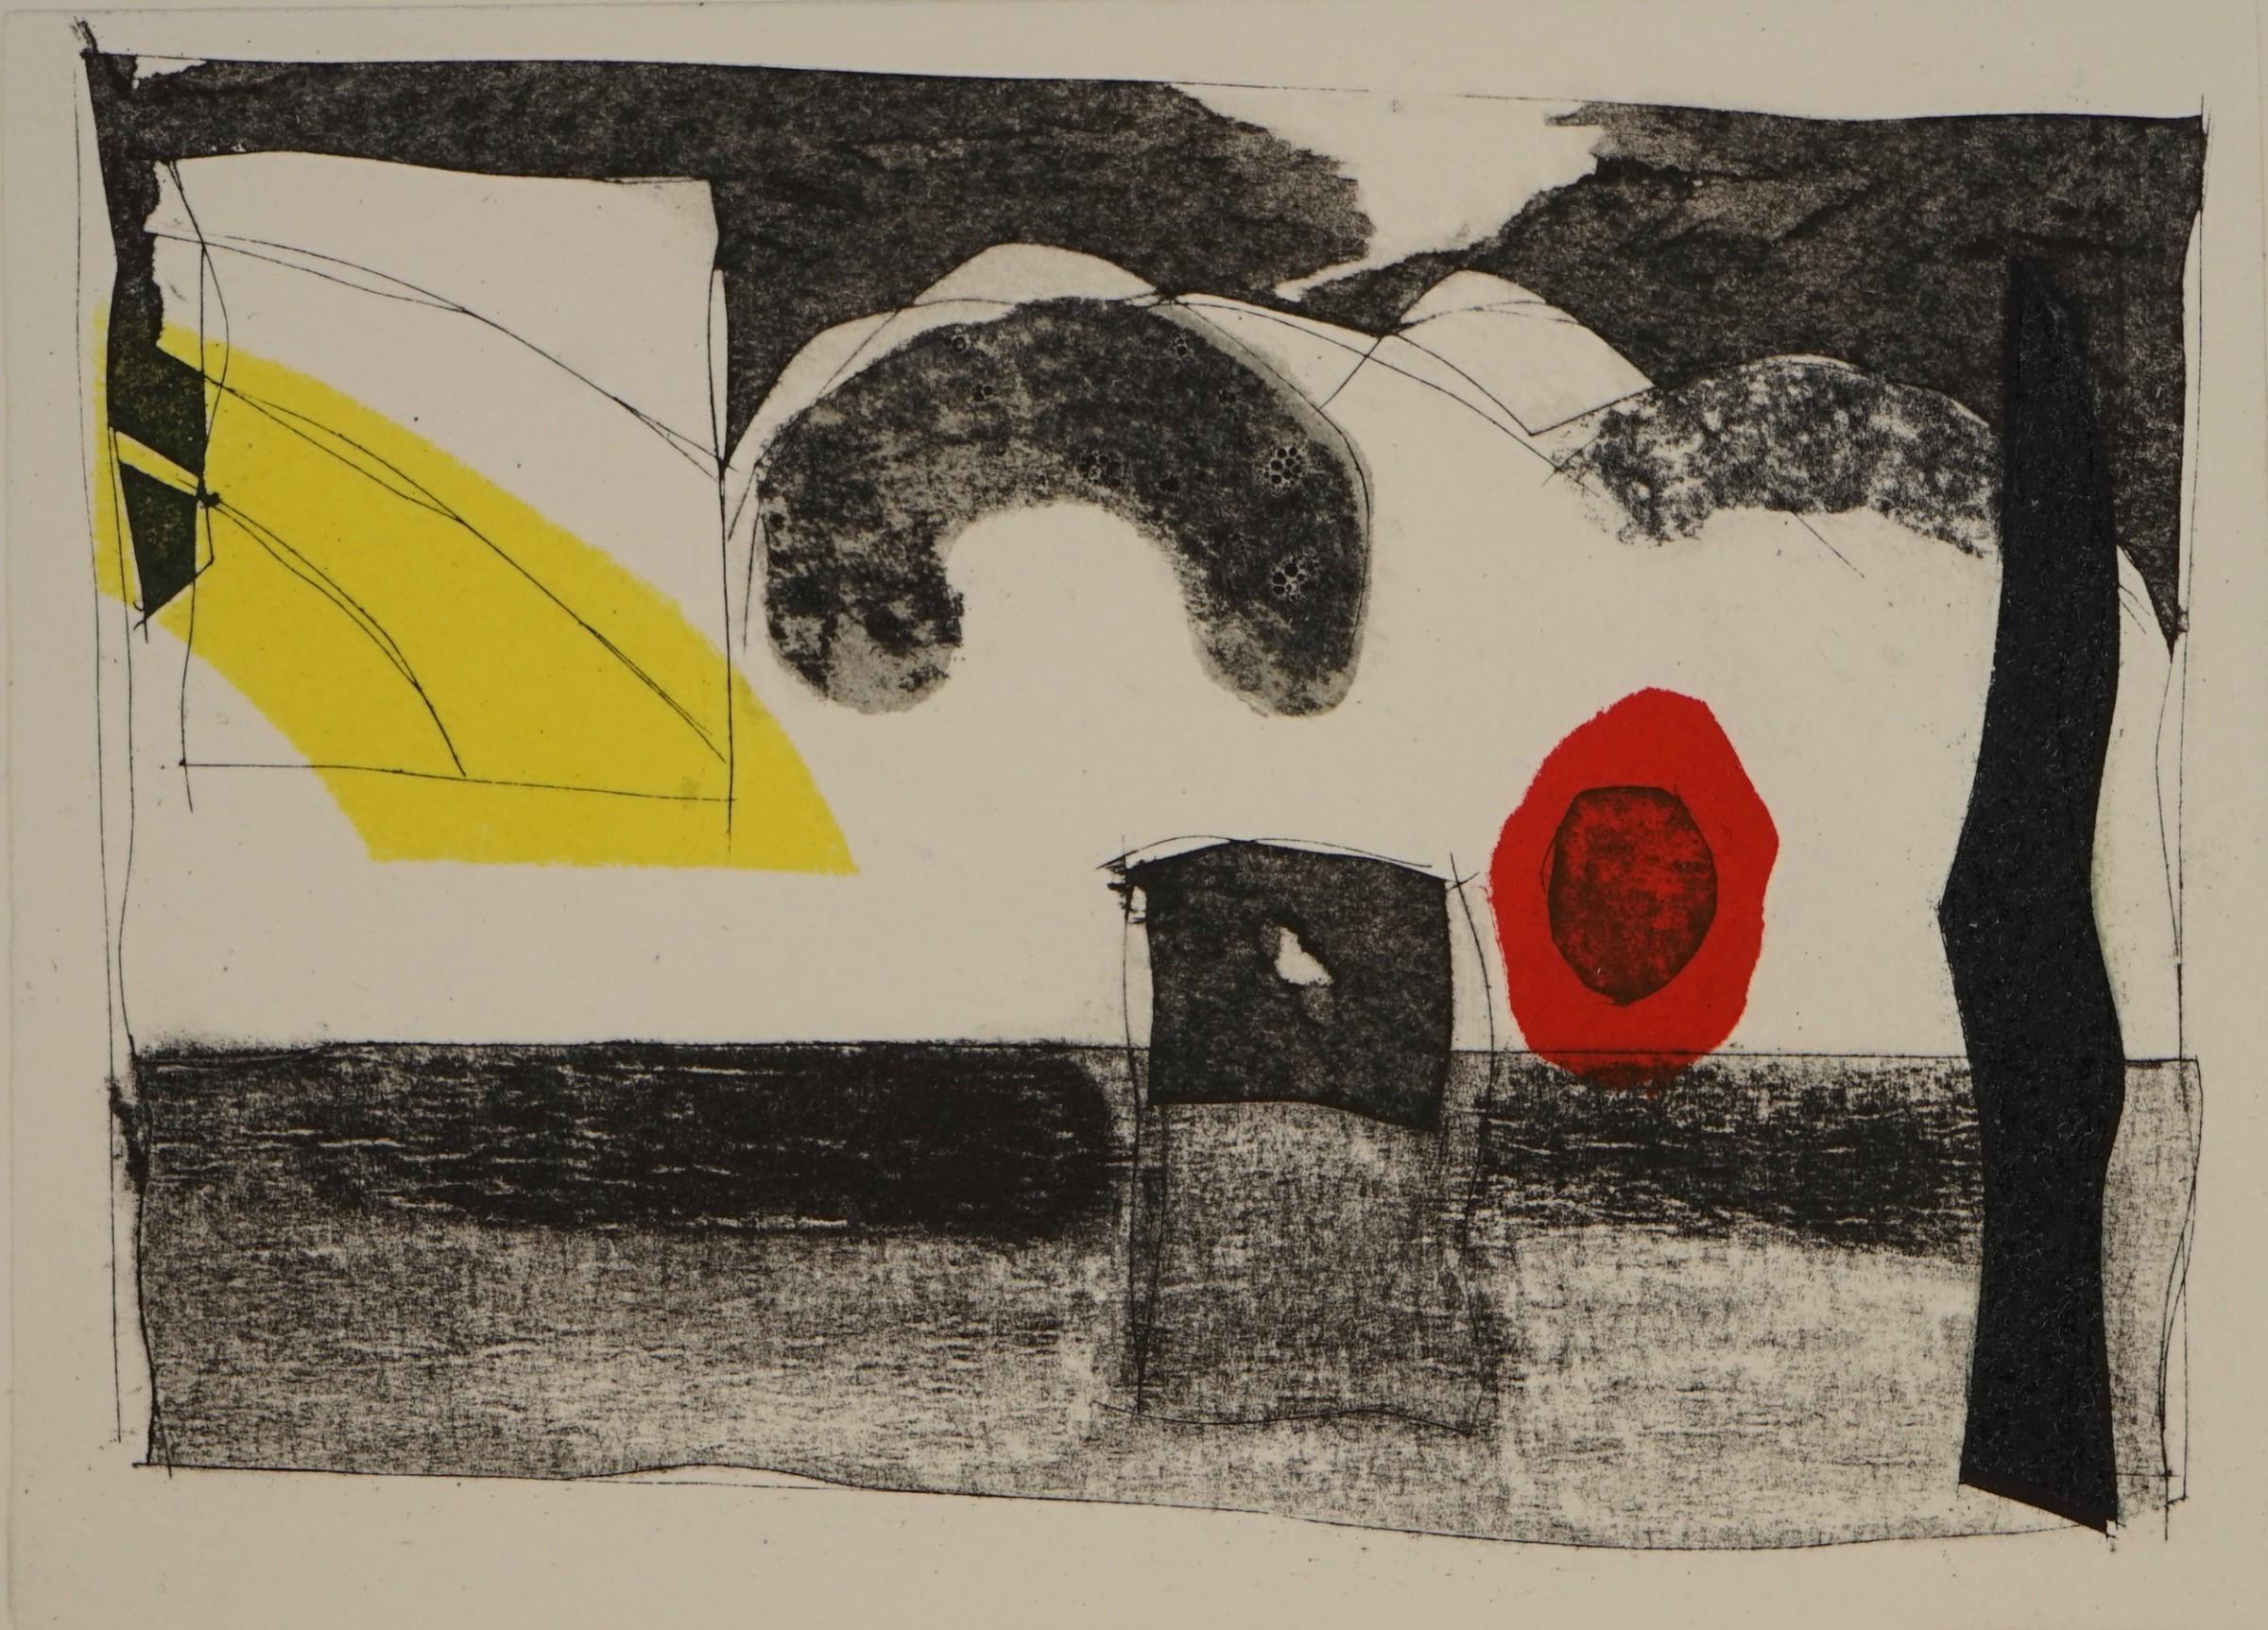 """<span class=""""link fancybox-details-link""""><a href=""""/exhibitions/21/works/artworks_standalone11021/"""">View Detail Page</a></span><div class=""""artist""""><span class=""""artist""""><strong>Robert Baggaley RE</strong></span></div><div class=""""title""""><em>Industrial Landscape 2</em></div><div class=""""medium"""">monoprint</div><div class=""""dimensions"""">32 x 38 cm framed size <br>12 x 18 cm image size</div><div class=""""edition_details"""">unique</div>"""